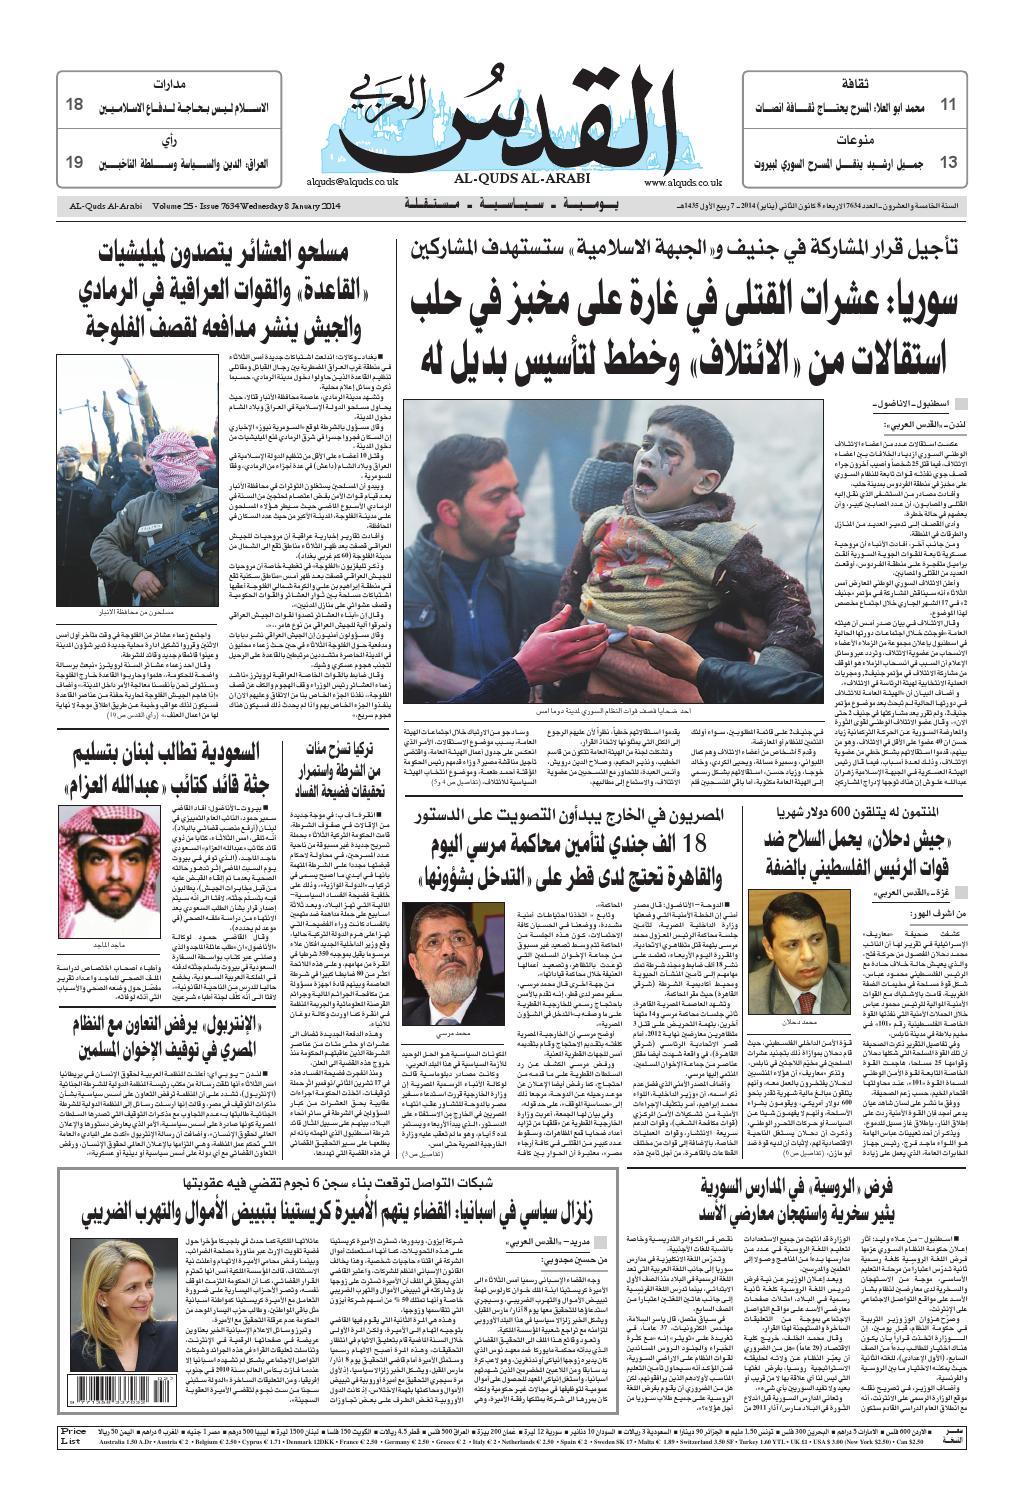 237b44656 صحيفة القدس العربي , الأربعاء 08.01.2014 by مركز الحدث - issuu